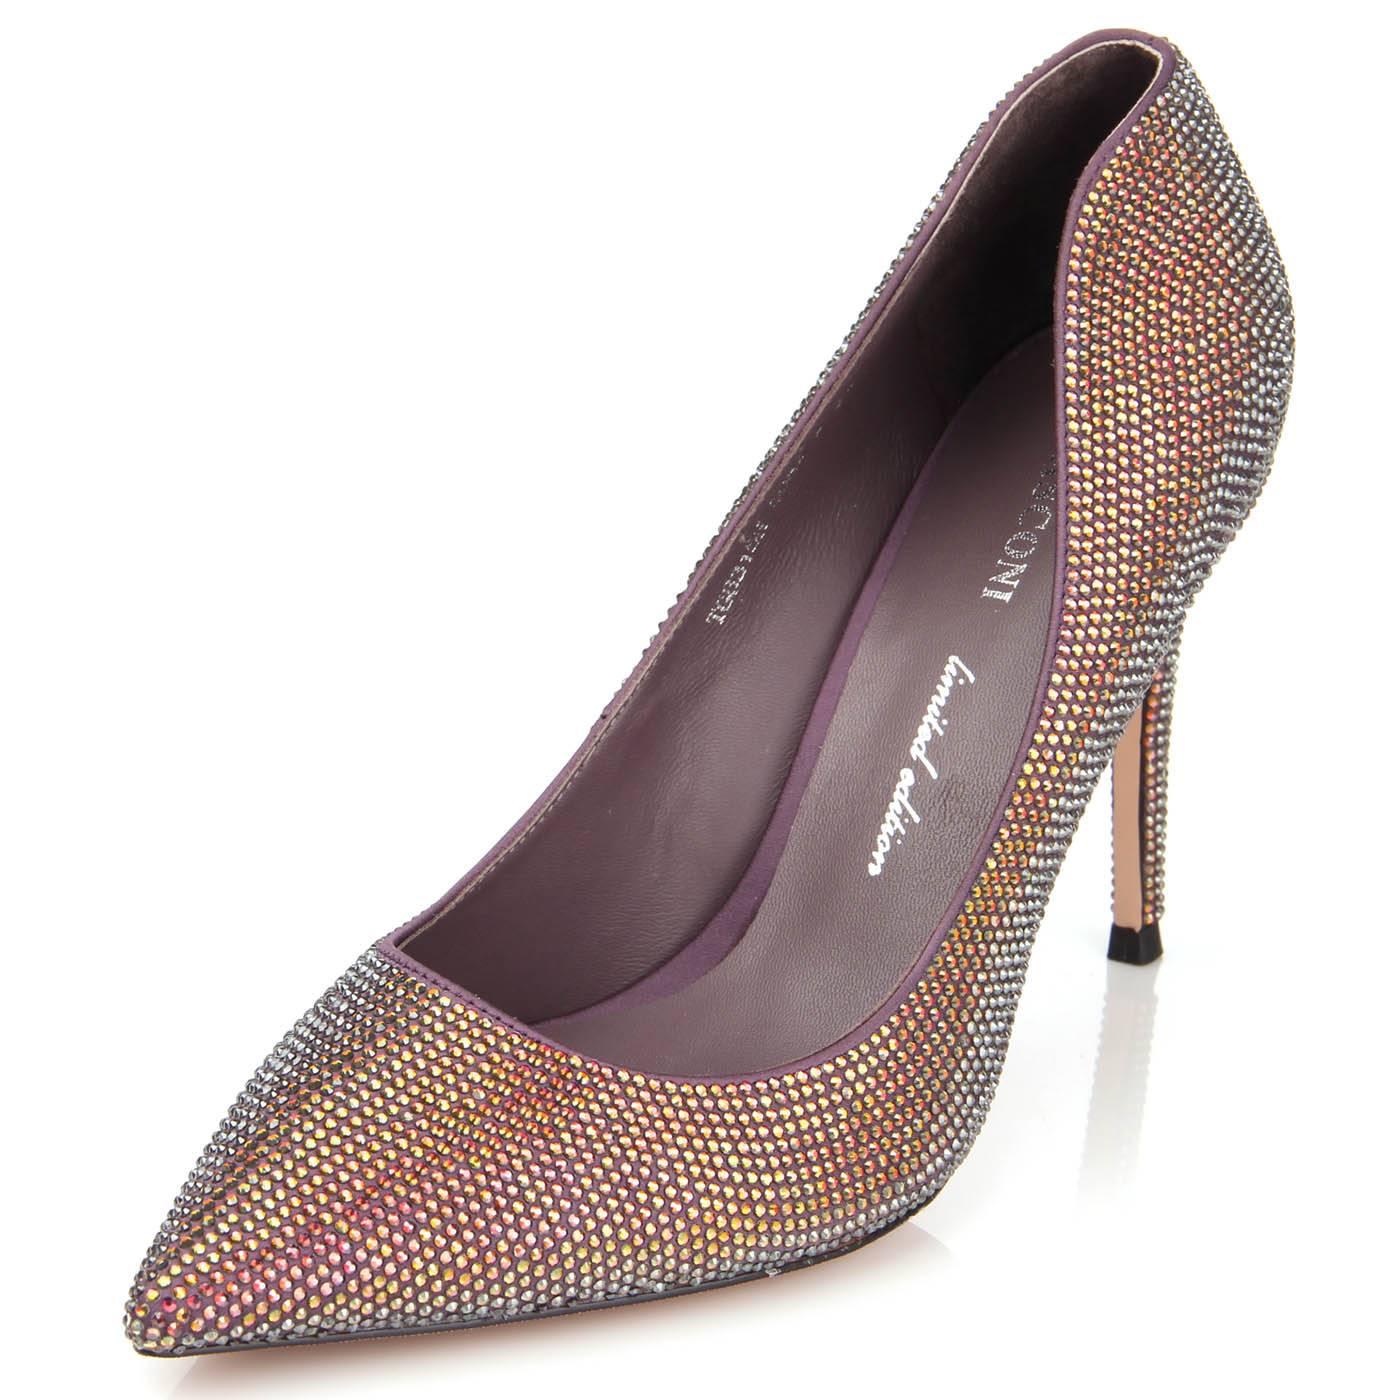 Туфли женские Basconi 6947 Фиолетовый купить по выгодной цене в ... 77fcbc84954